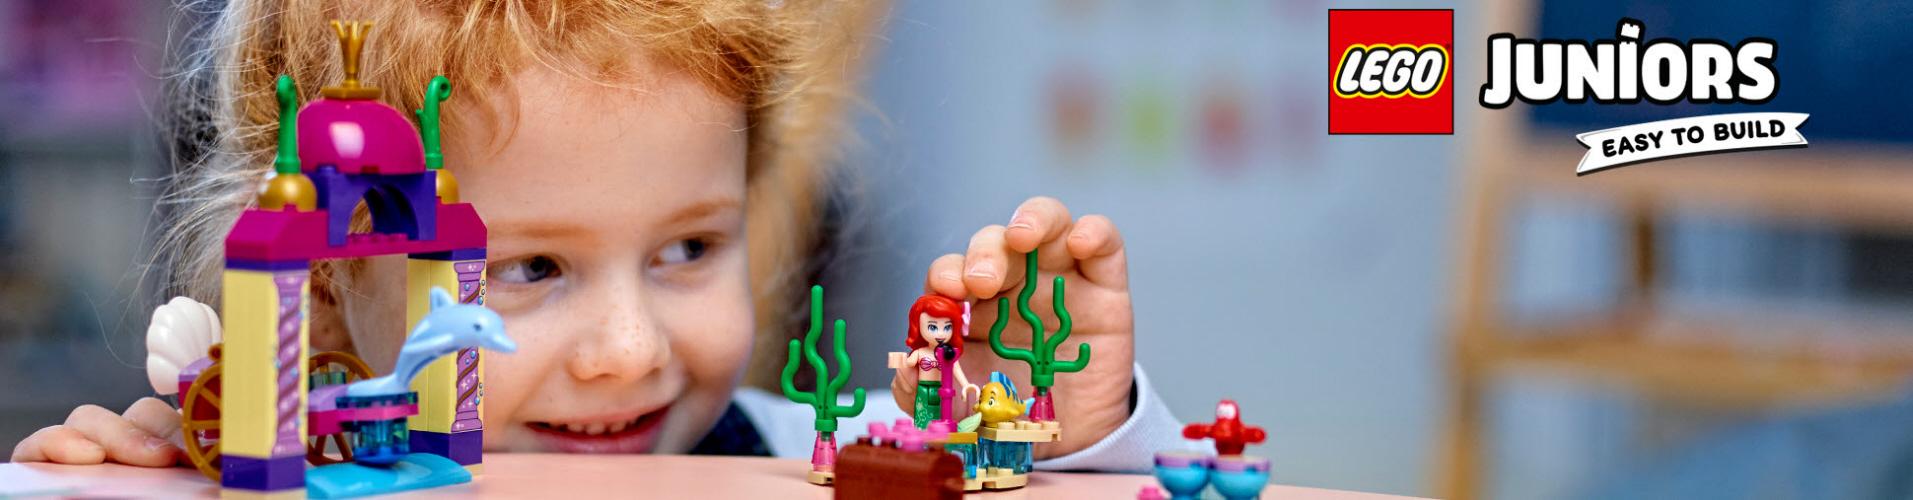 Lego groothandel duitsland